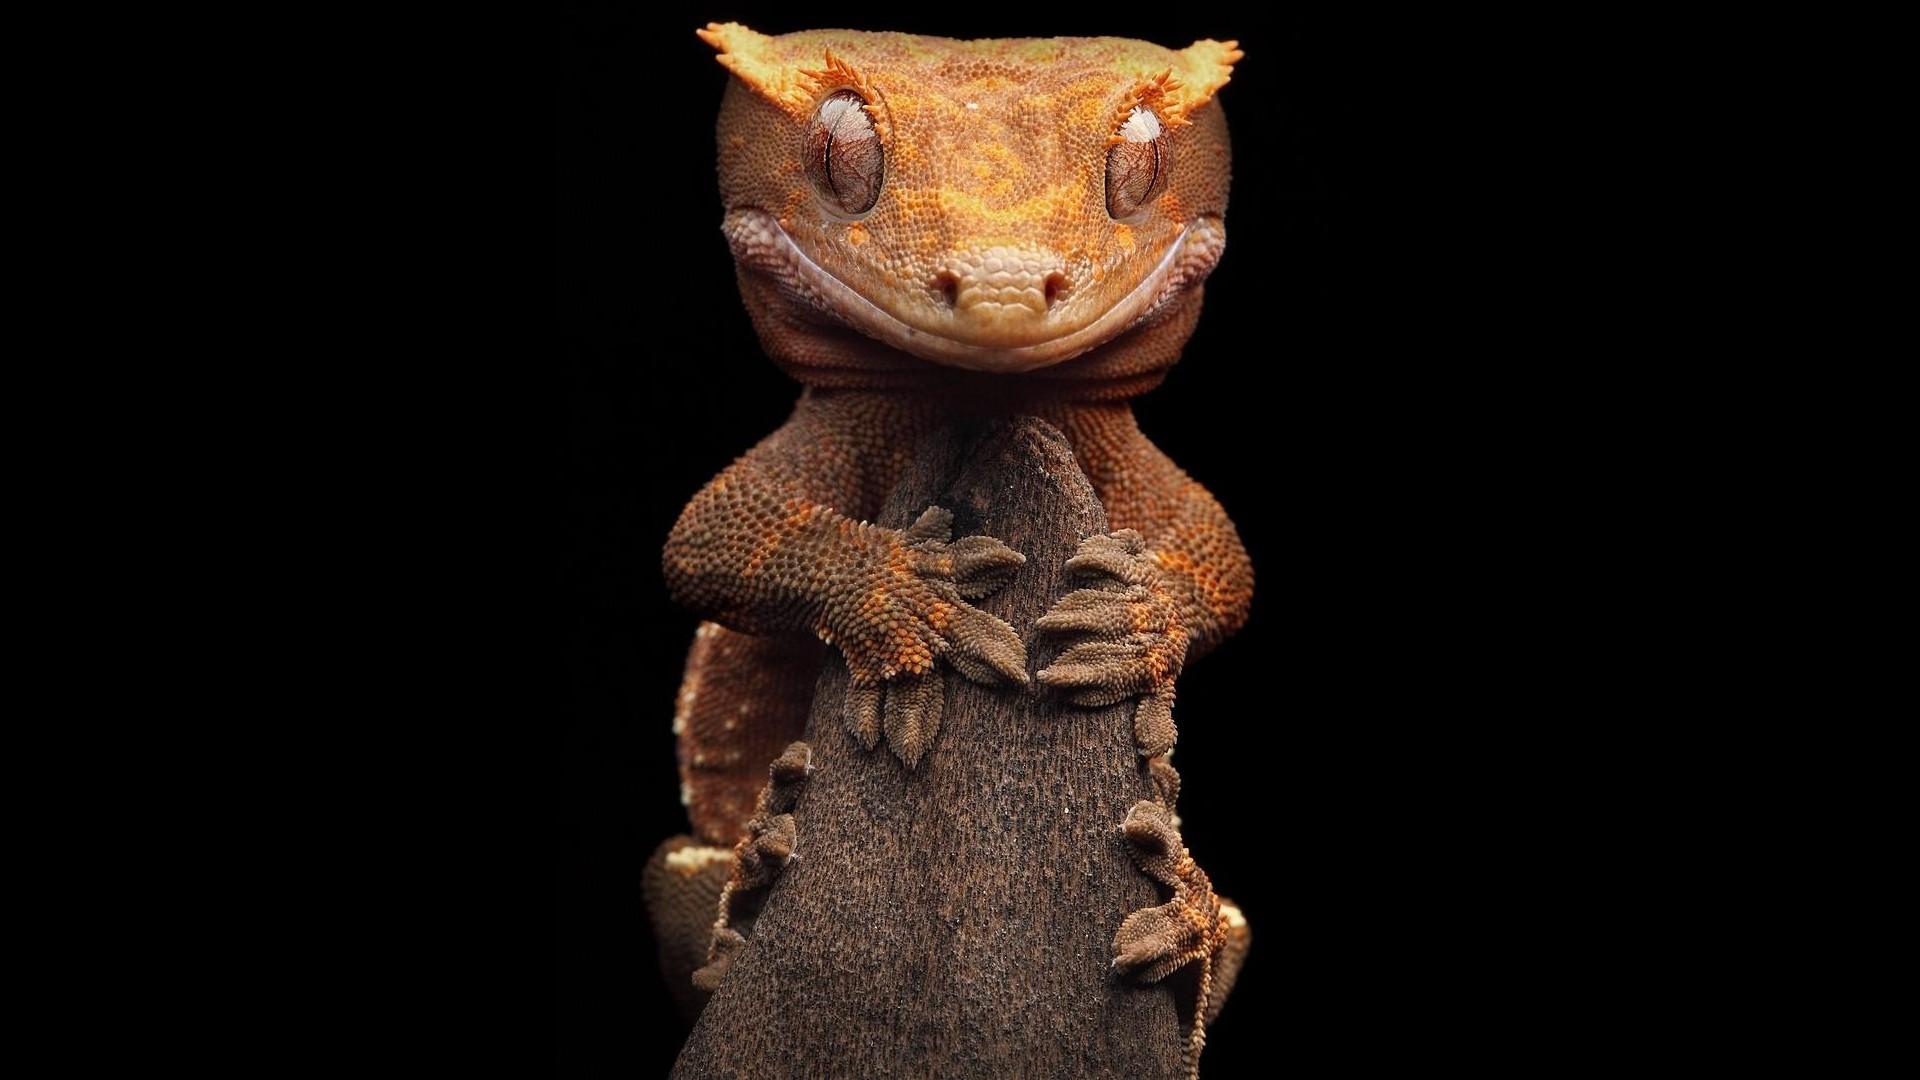 3840x2160 wallpaper lizard gecko - photo #35